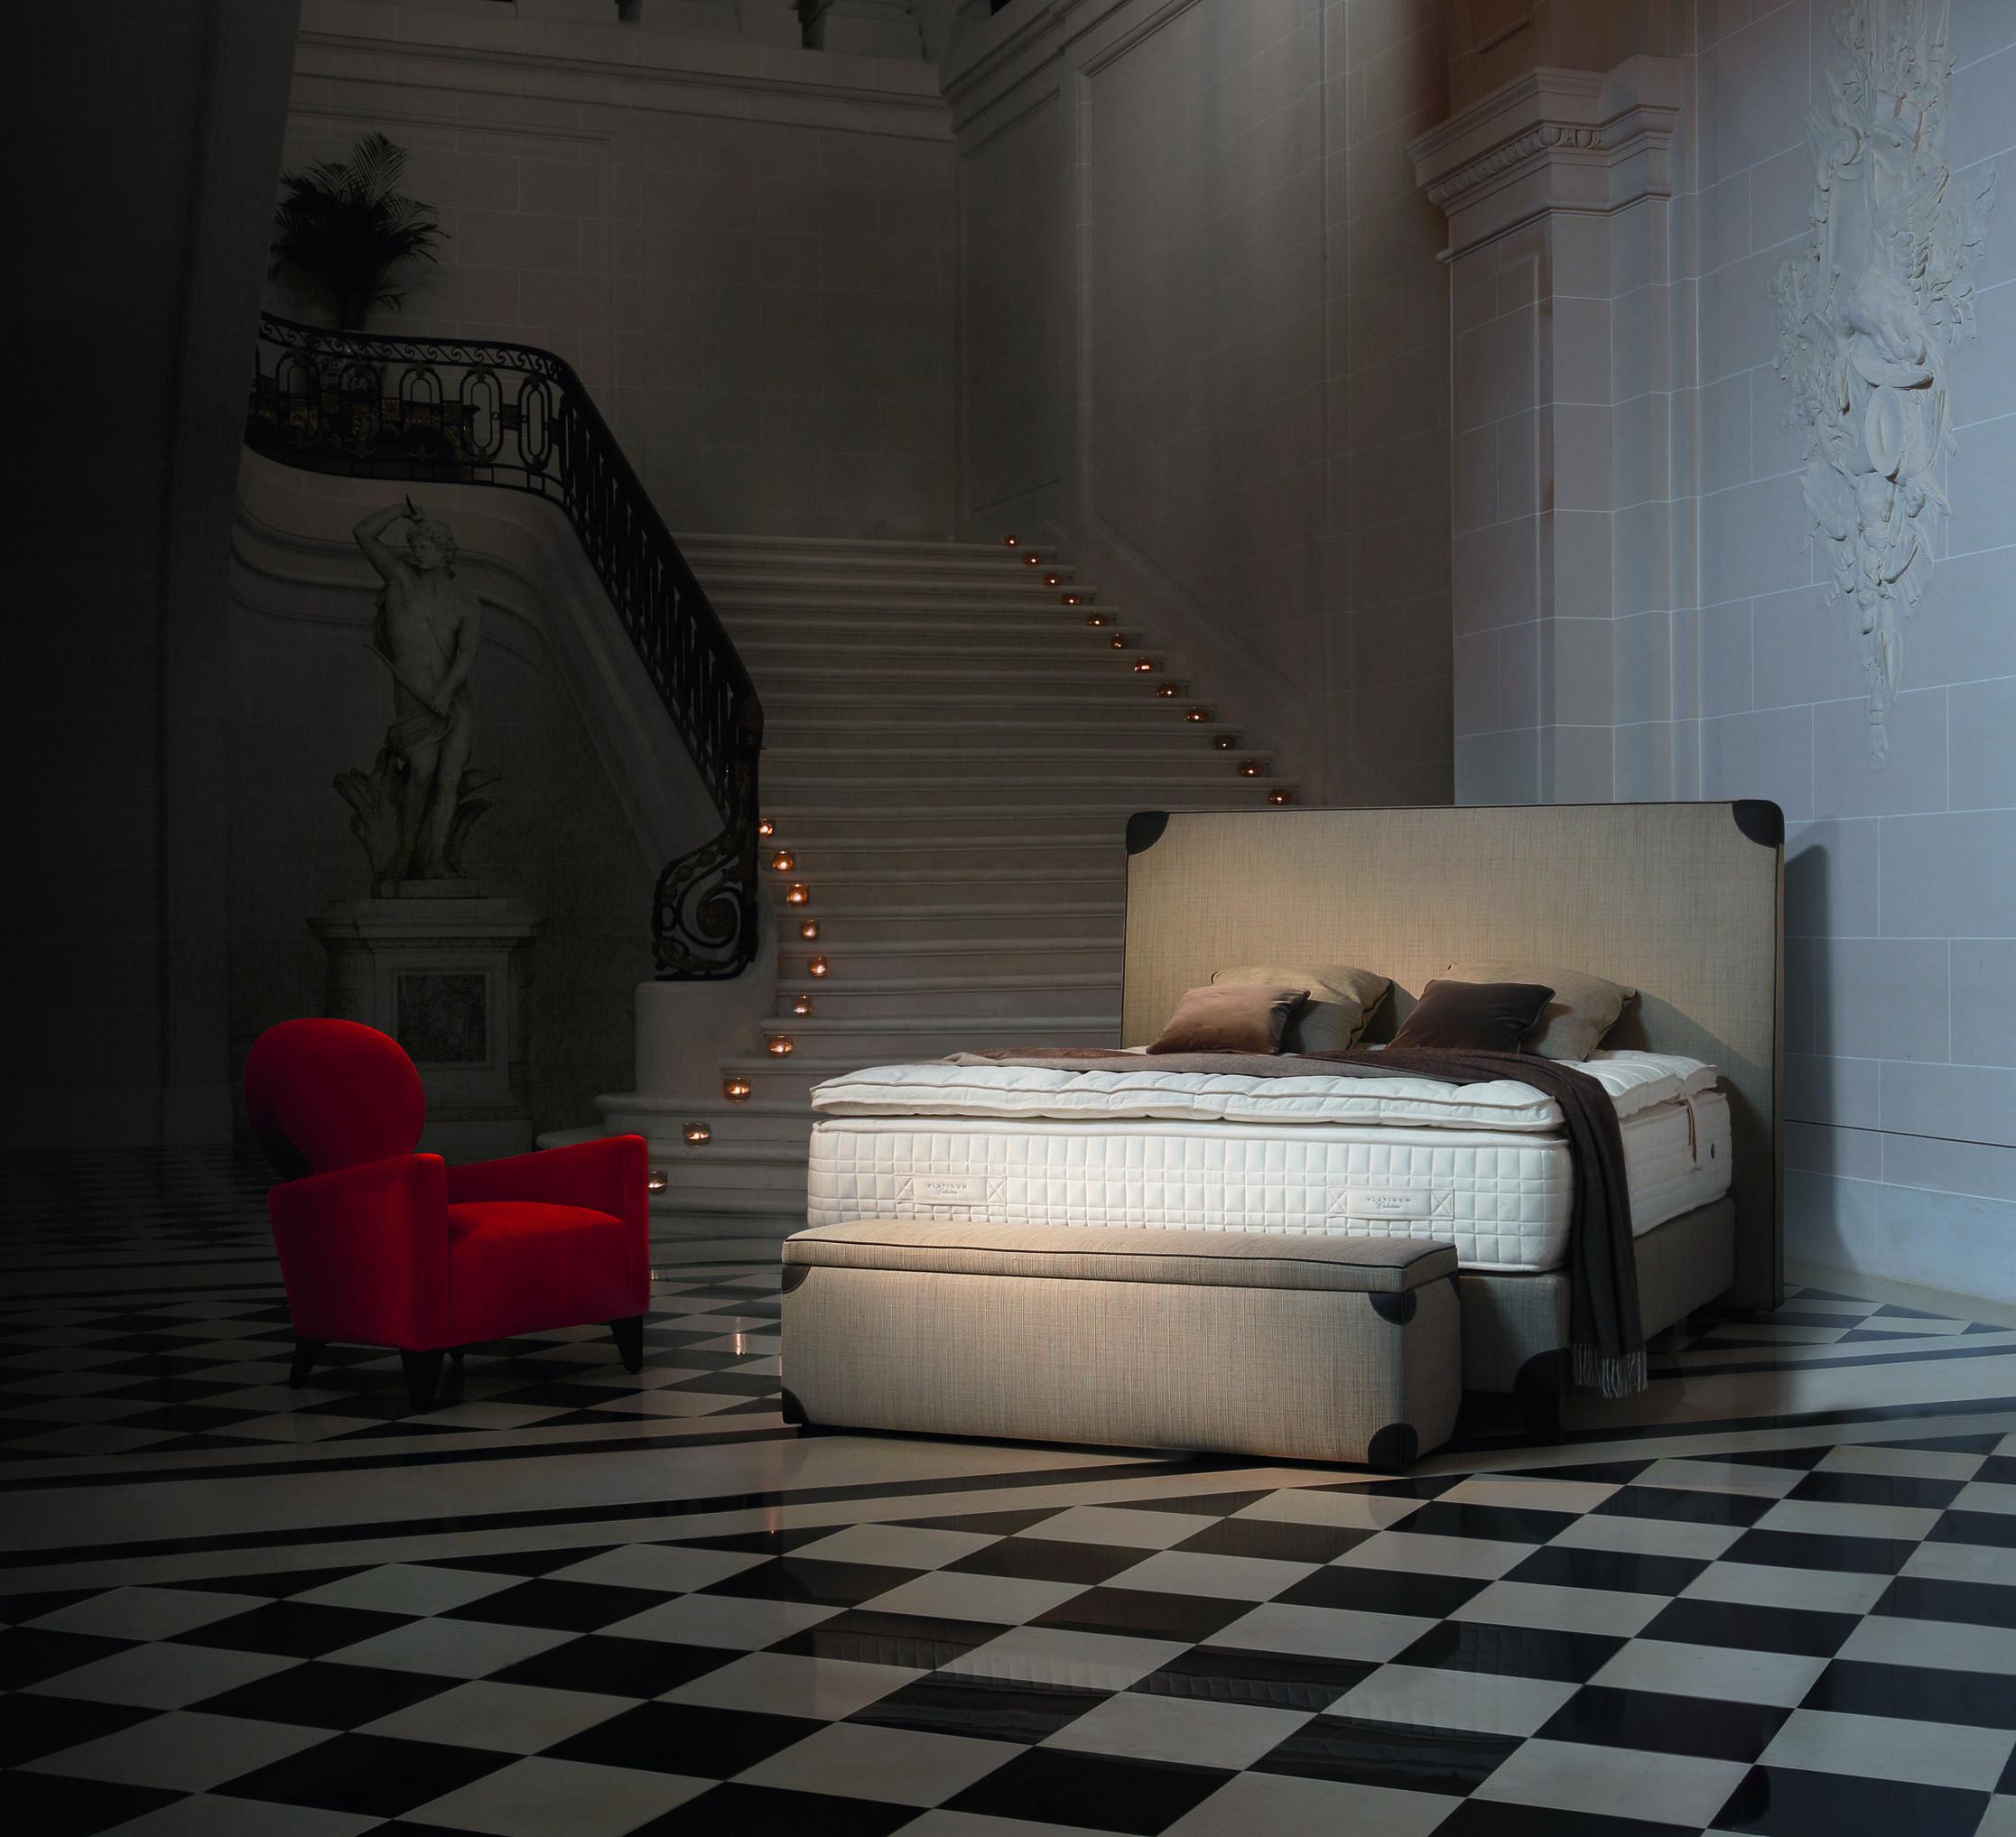 Lit riviera sandrine chollet pour treca interiors paris for Tondelli arredamenti